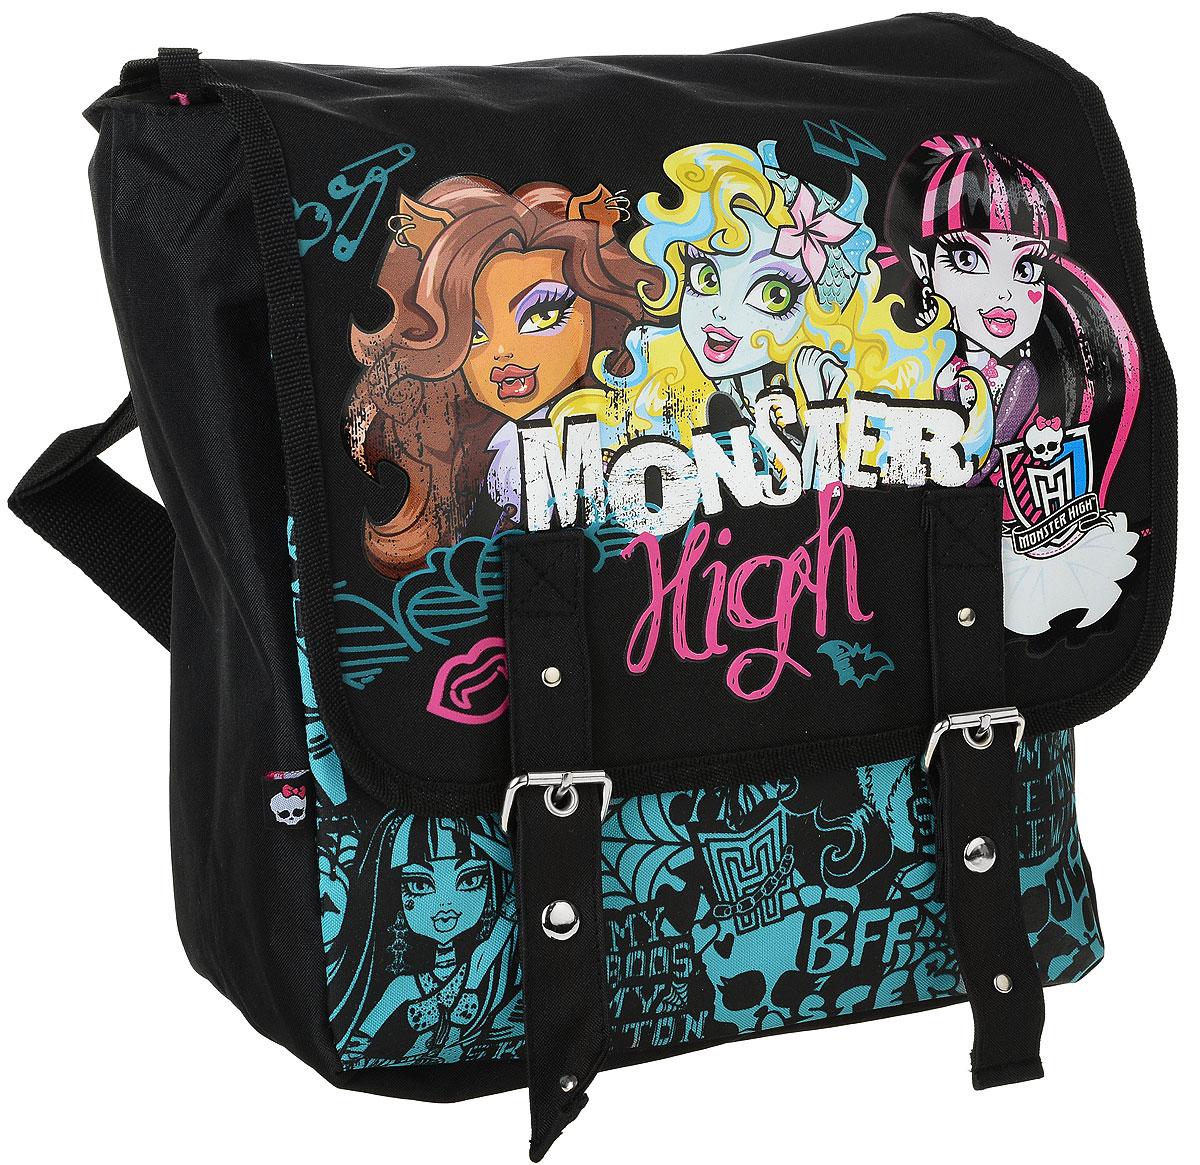 Рюкзак Размер 30 х 28 х 12 см. Monster HighCRORF-11T-110Этот рюкзак изготовлен из износостойкой легкомоющейся ткани. Сверху рюкзак застегивается на застежку молния, а затем закрывается клапаном на двух магнитных застежках. Внутри рюкзака имеется два маленьких кармашка, а также еще один карман на молнии.Плечевые лямки рюкзака Monster High Pink регулируются по длине. Кроме того у рюкзака имеется дополнительная ручка для ношения его в руке.Если Вы ищите подарок девочке, можете быть уверенными, рюкзак Monster High Night непременно придется ей по вкусу!